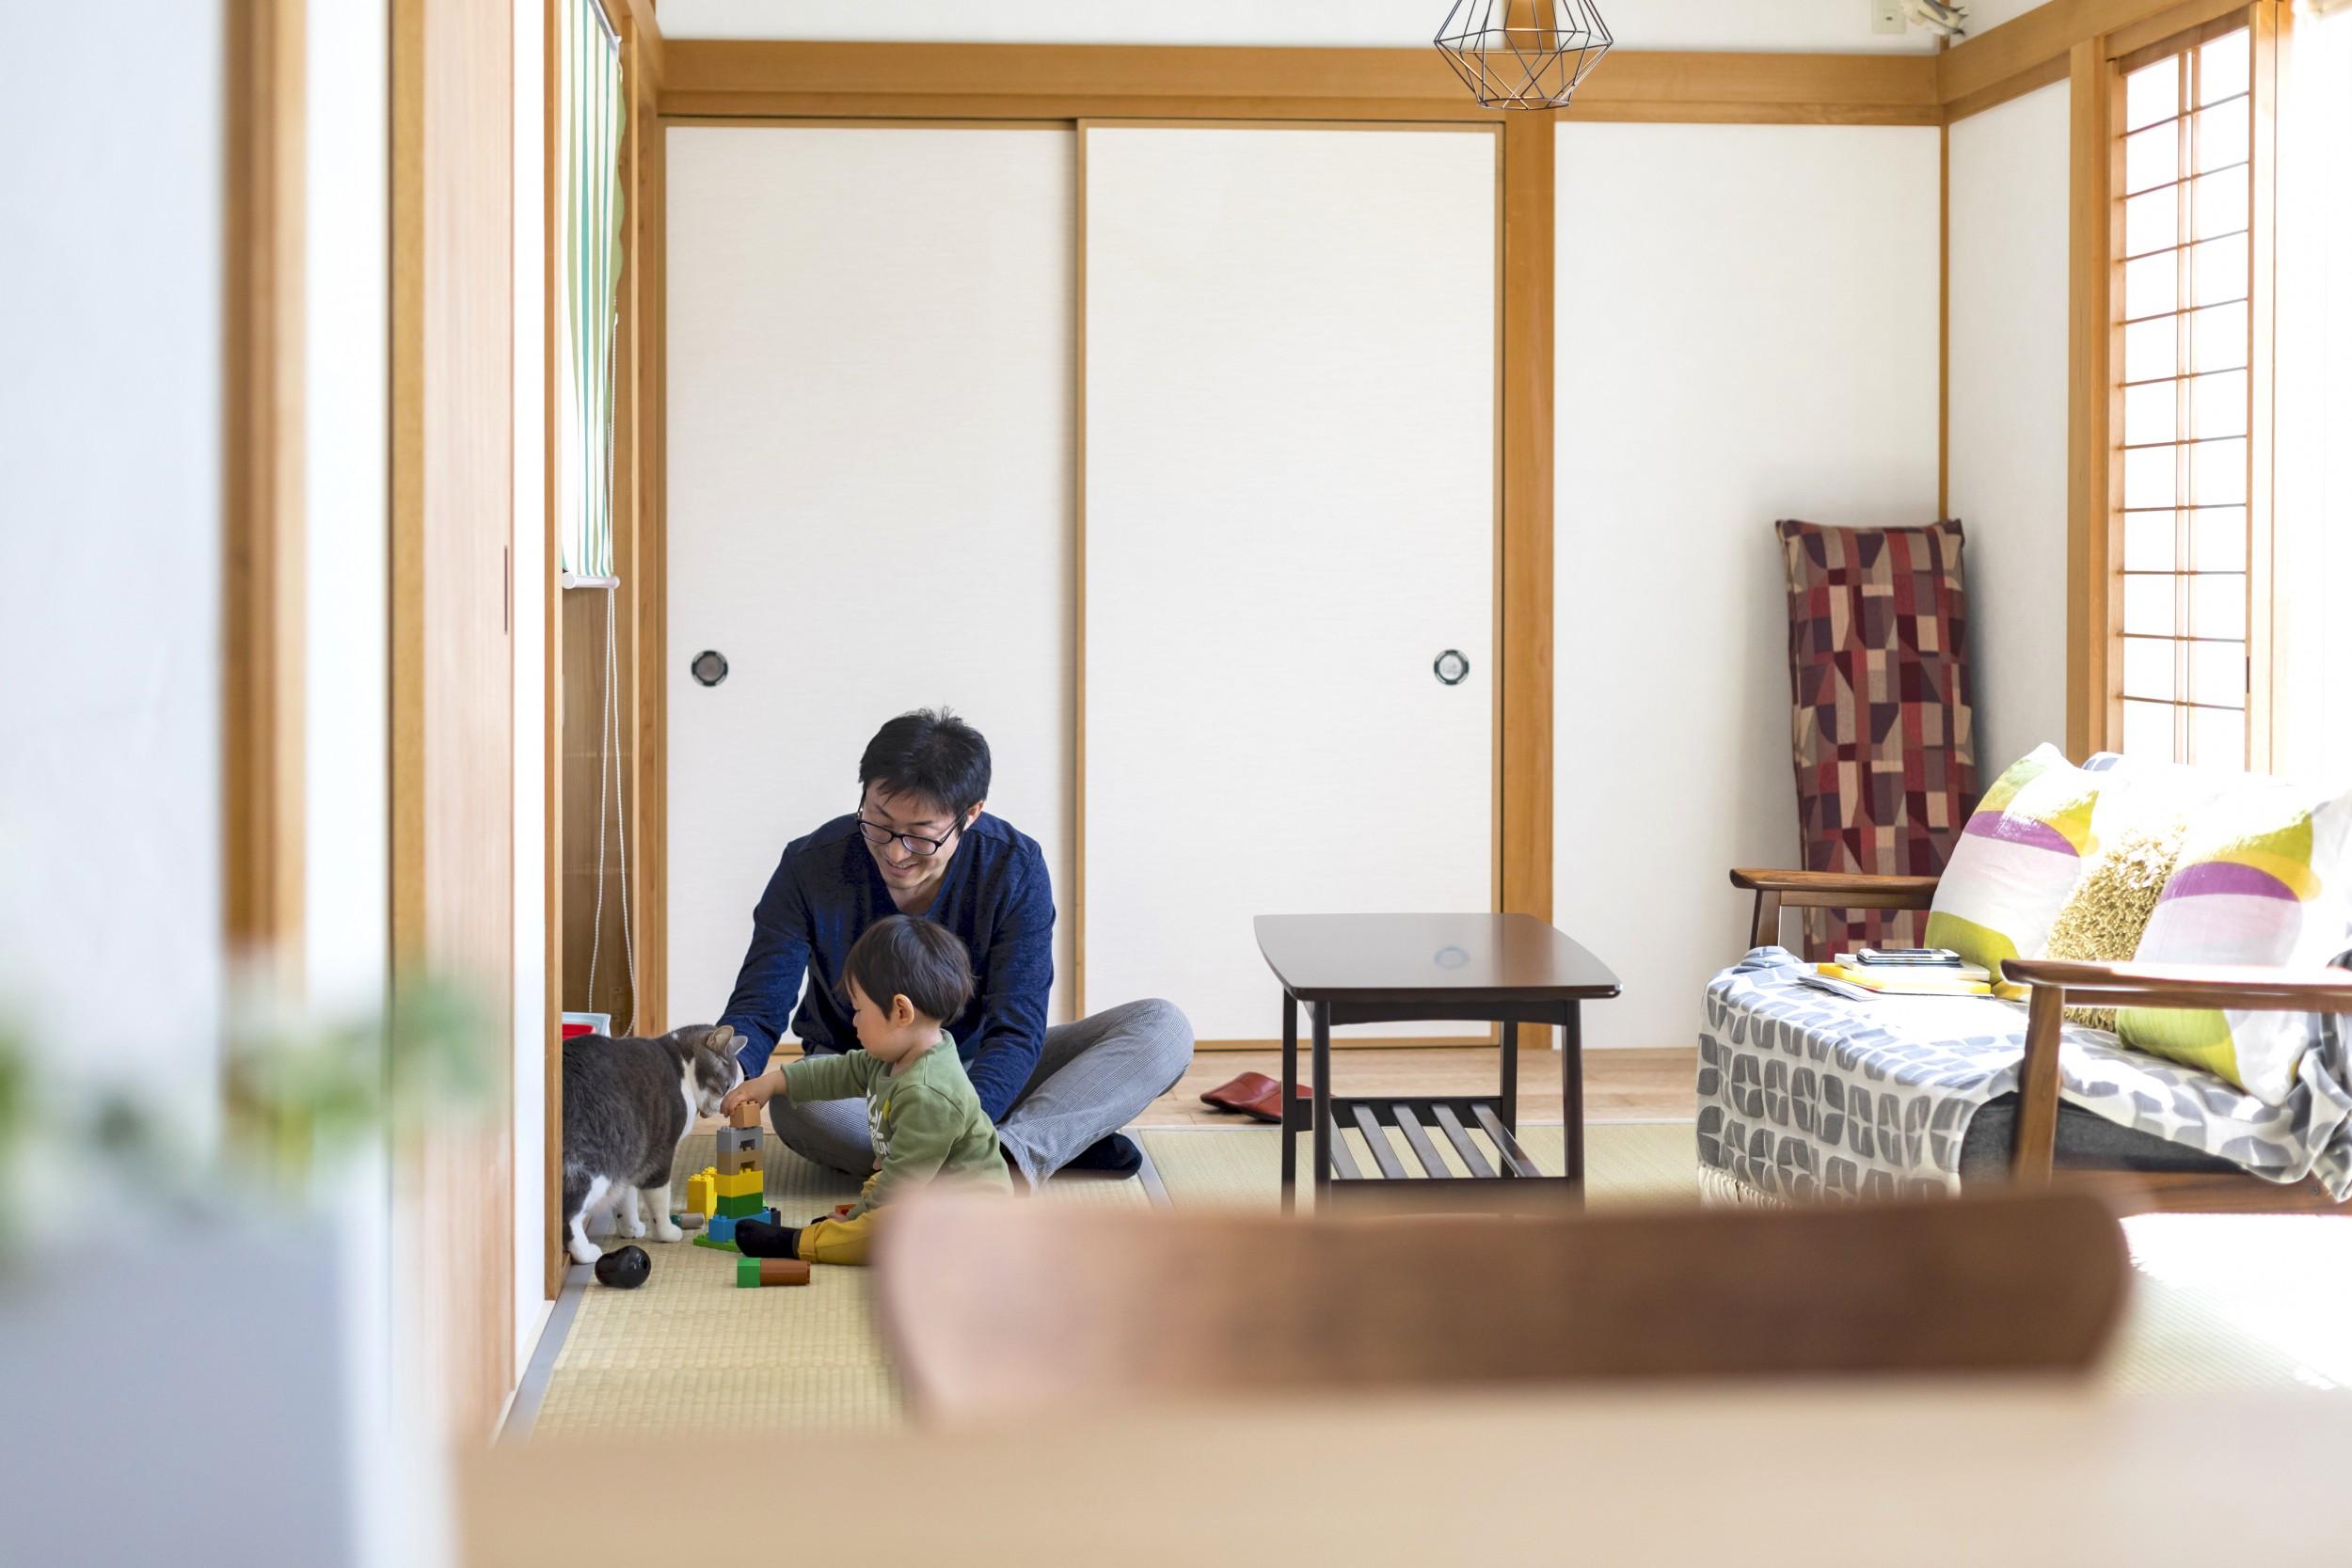 岐阜市Y様邸リノベーション事例の北欧風和室